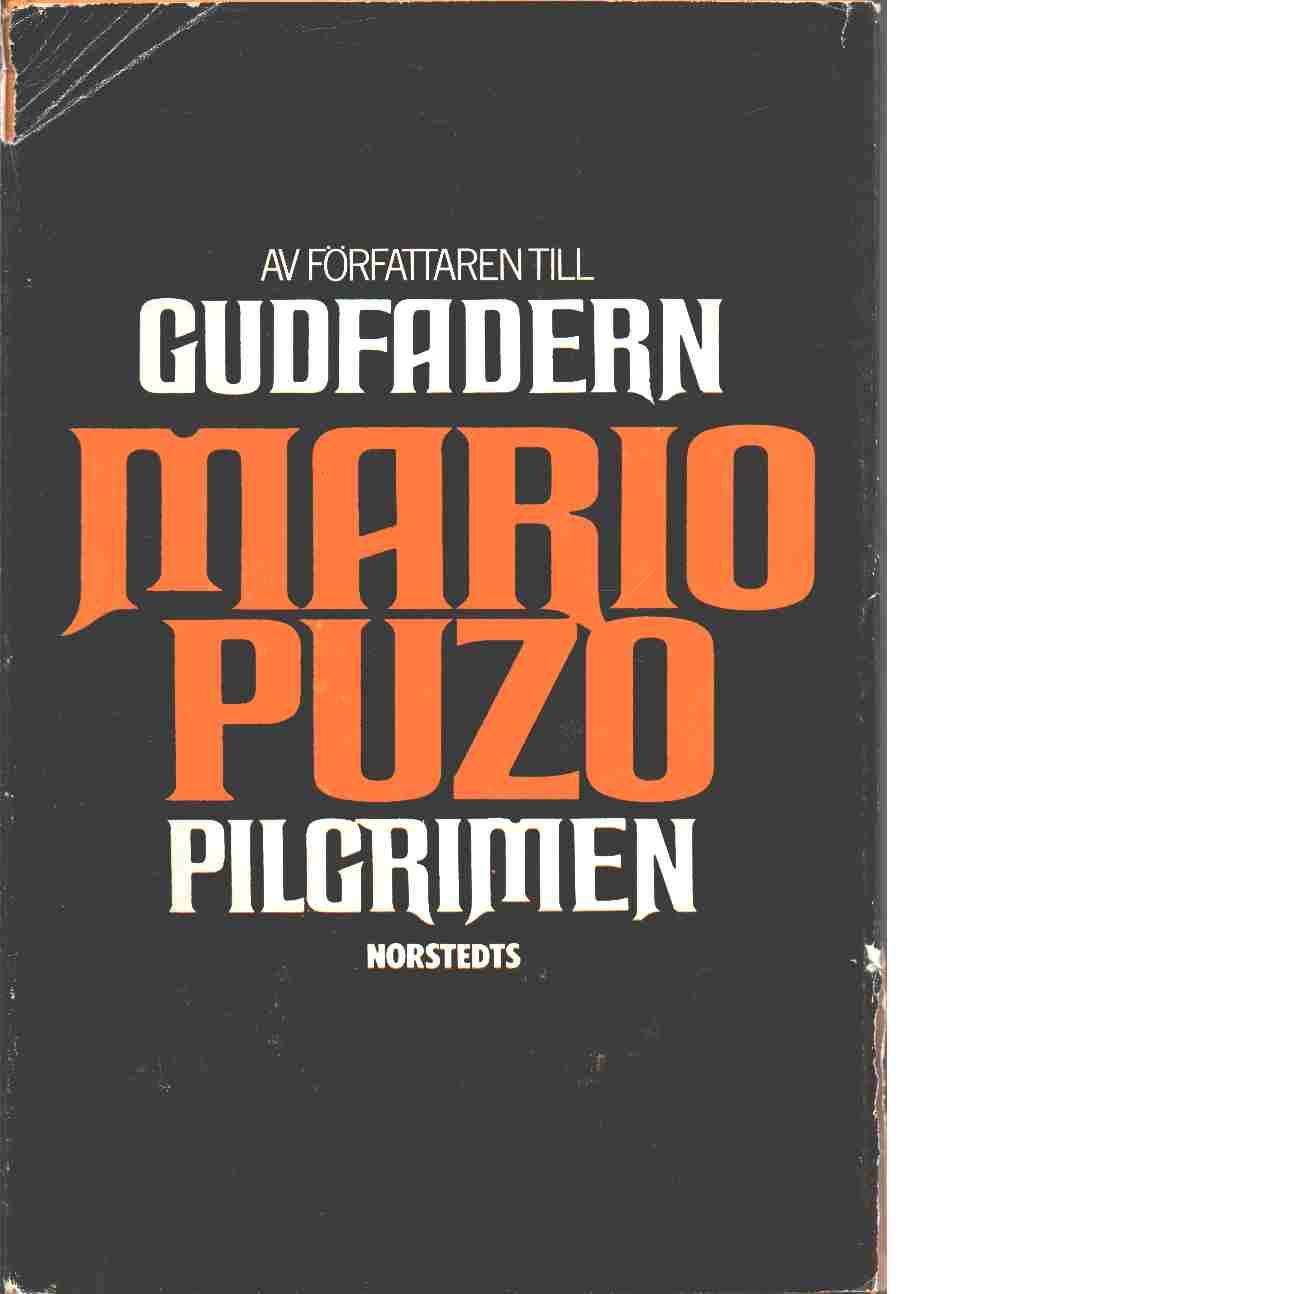 Pilgrimen - Puzo, Mario